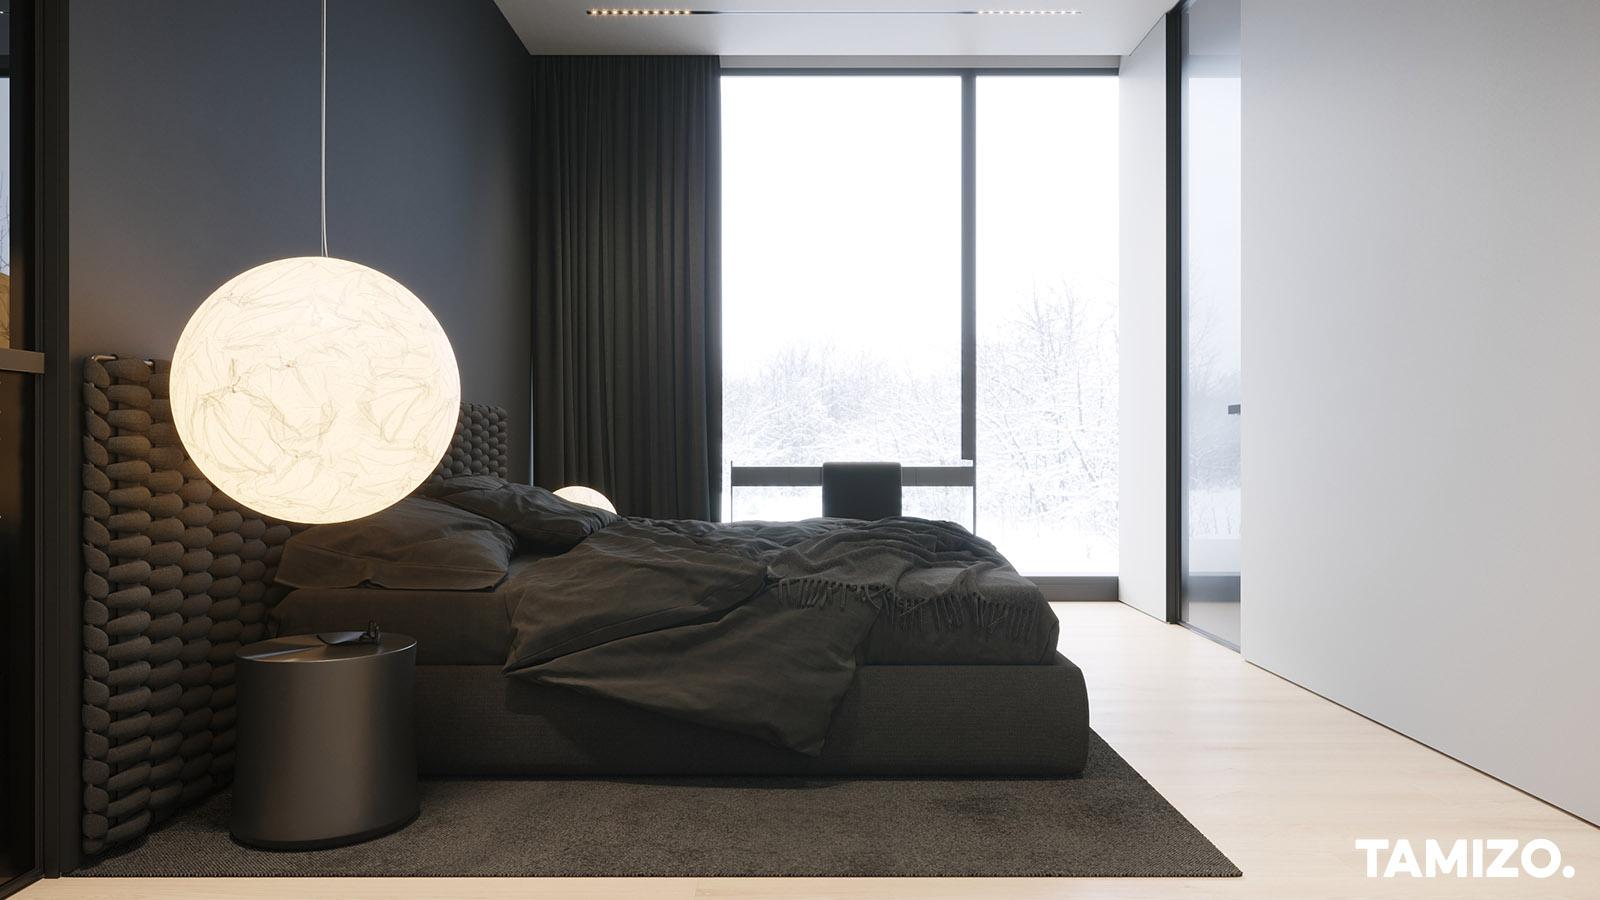 I089_tamizo_architects_projekt-wnetrz-interior-design-dom-minimal-house-gorzow-wielkopolski-12